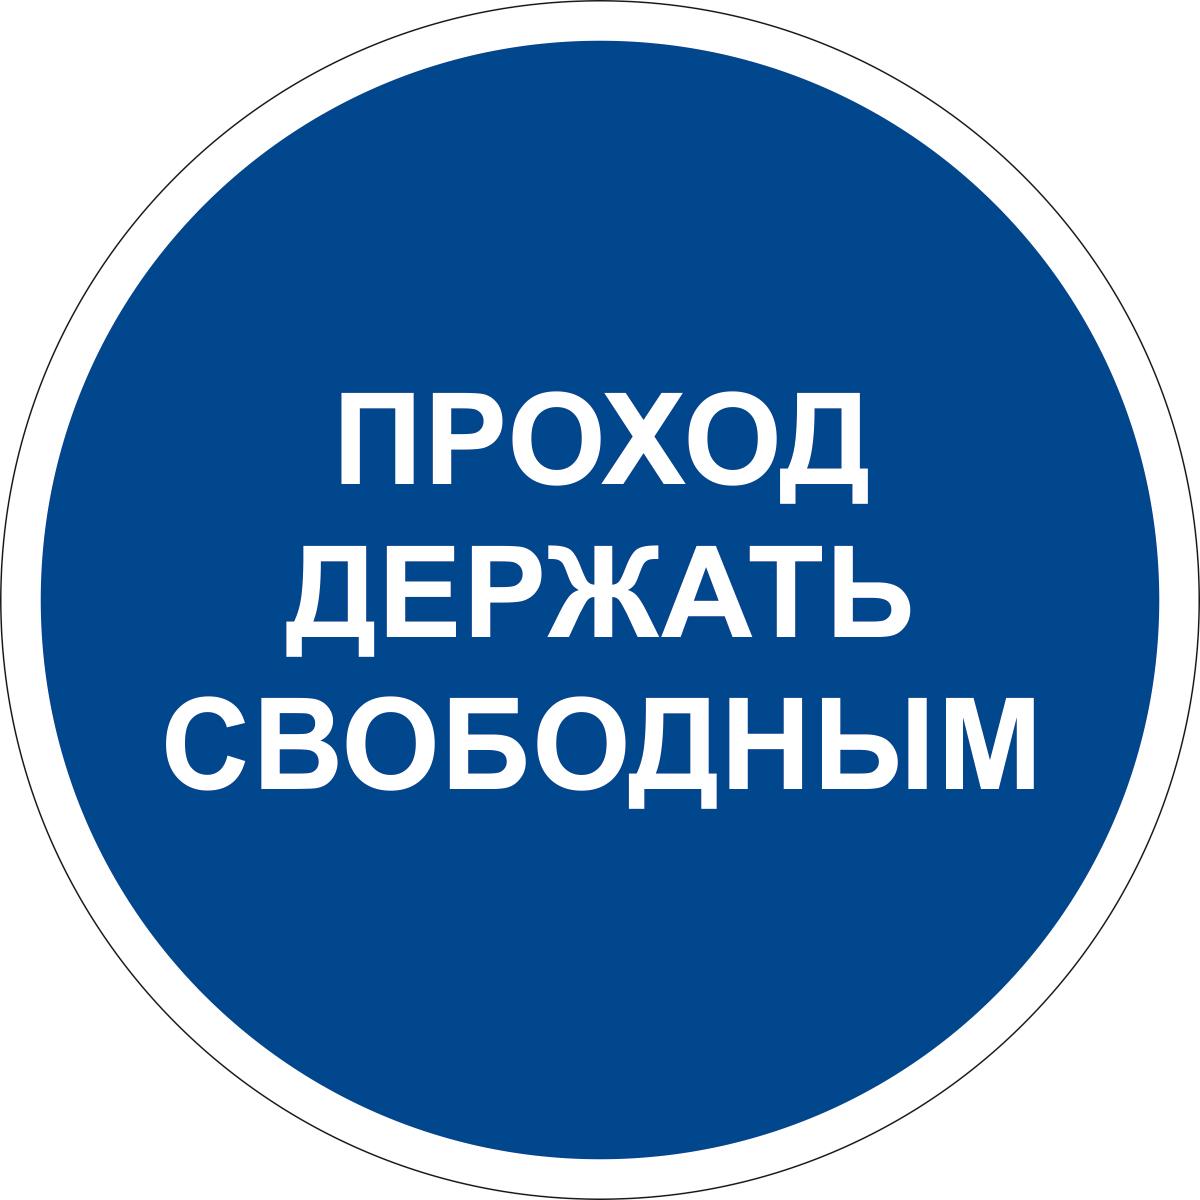 Наклейка информационная Оранжевый Слоник Проход держать свободным, 15 х 15 см